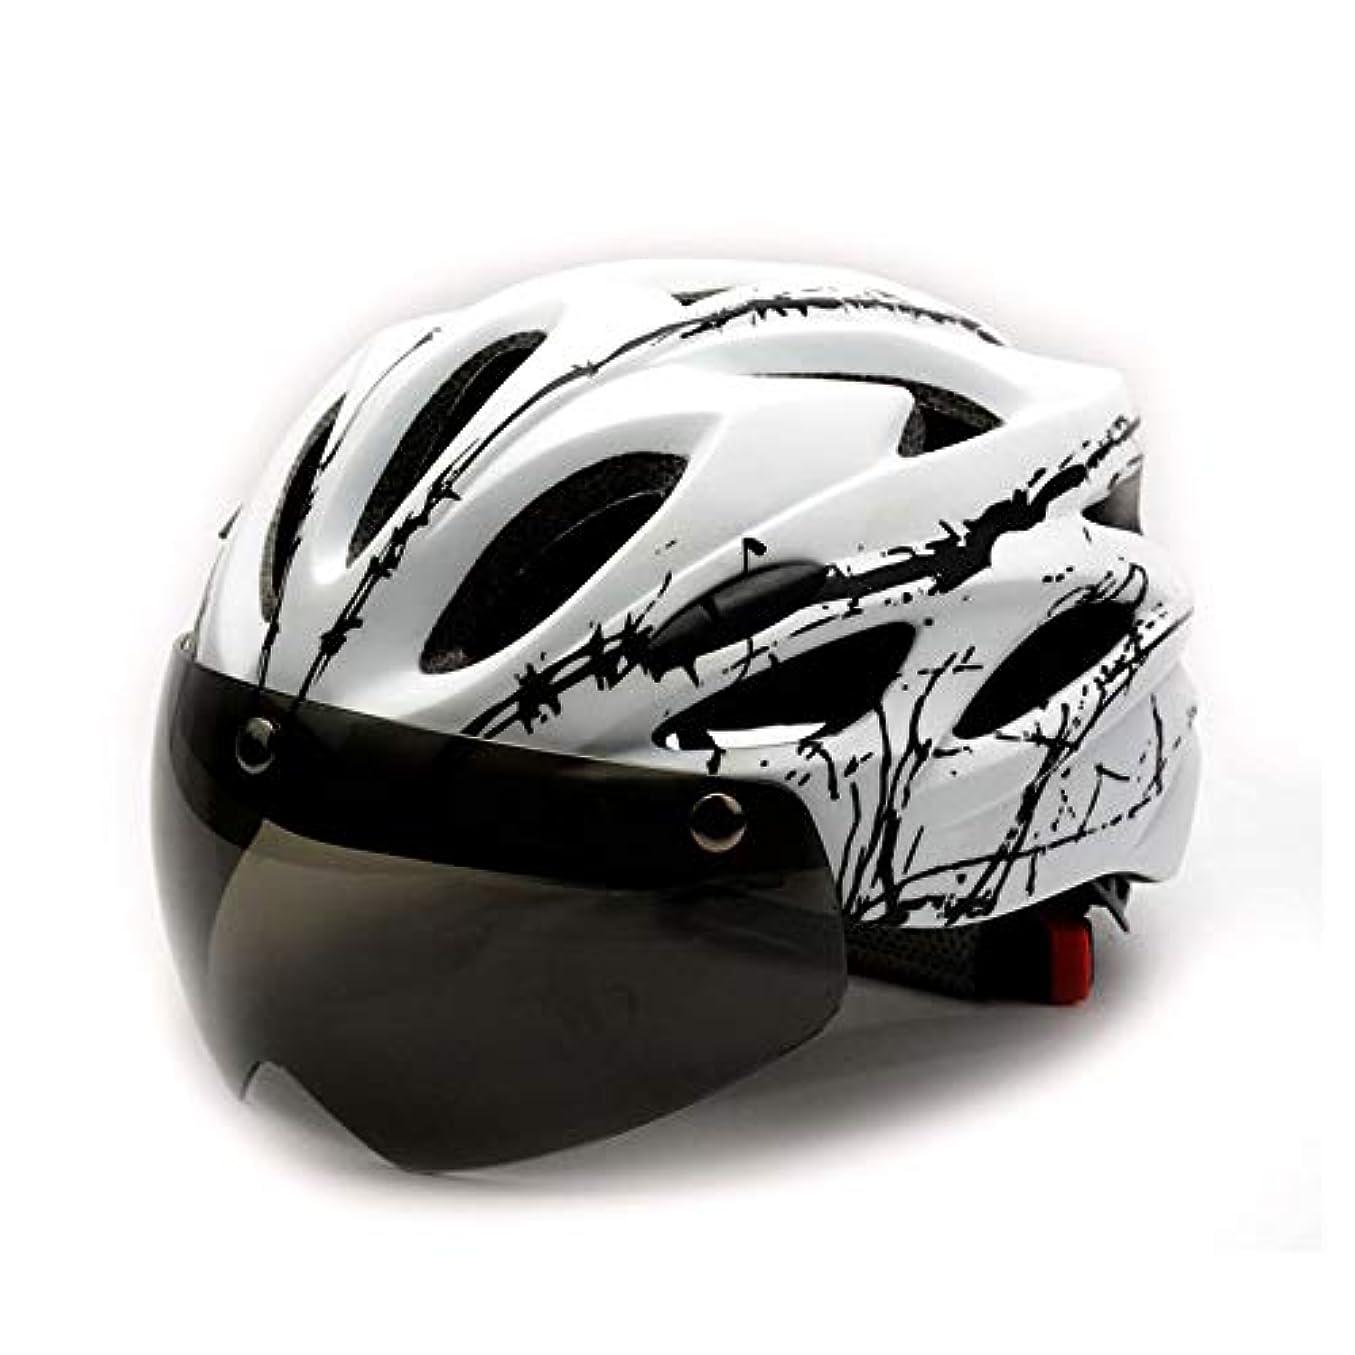 マッサージ強い天才自転車用ヘルメット リムーバブルシールドバイザー付き自転車用ヘルメット(ブラック) 男性と女性のためのロード&マウンテン